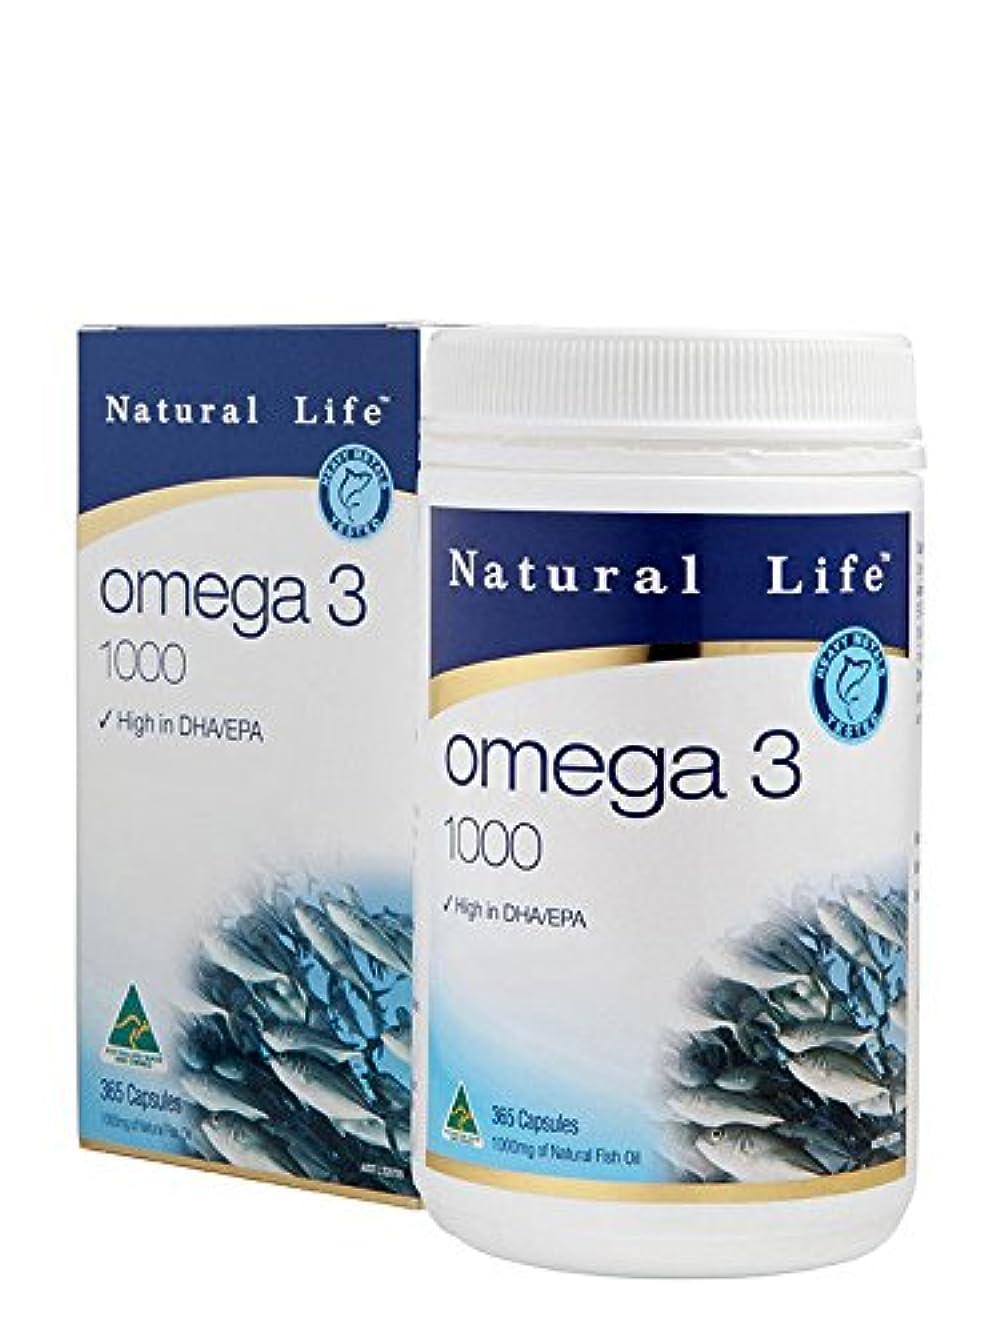 じゃない貢献するはぁオメガ3 1000mg 大容量365粒 国内正規品 EPA180mg+DHA120mg ナチュラルライフ